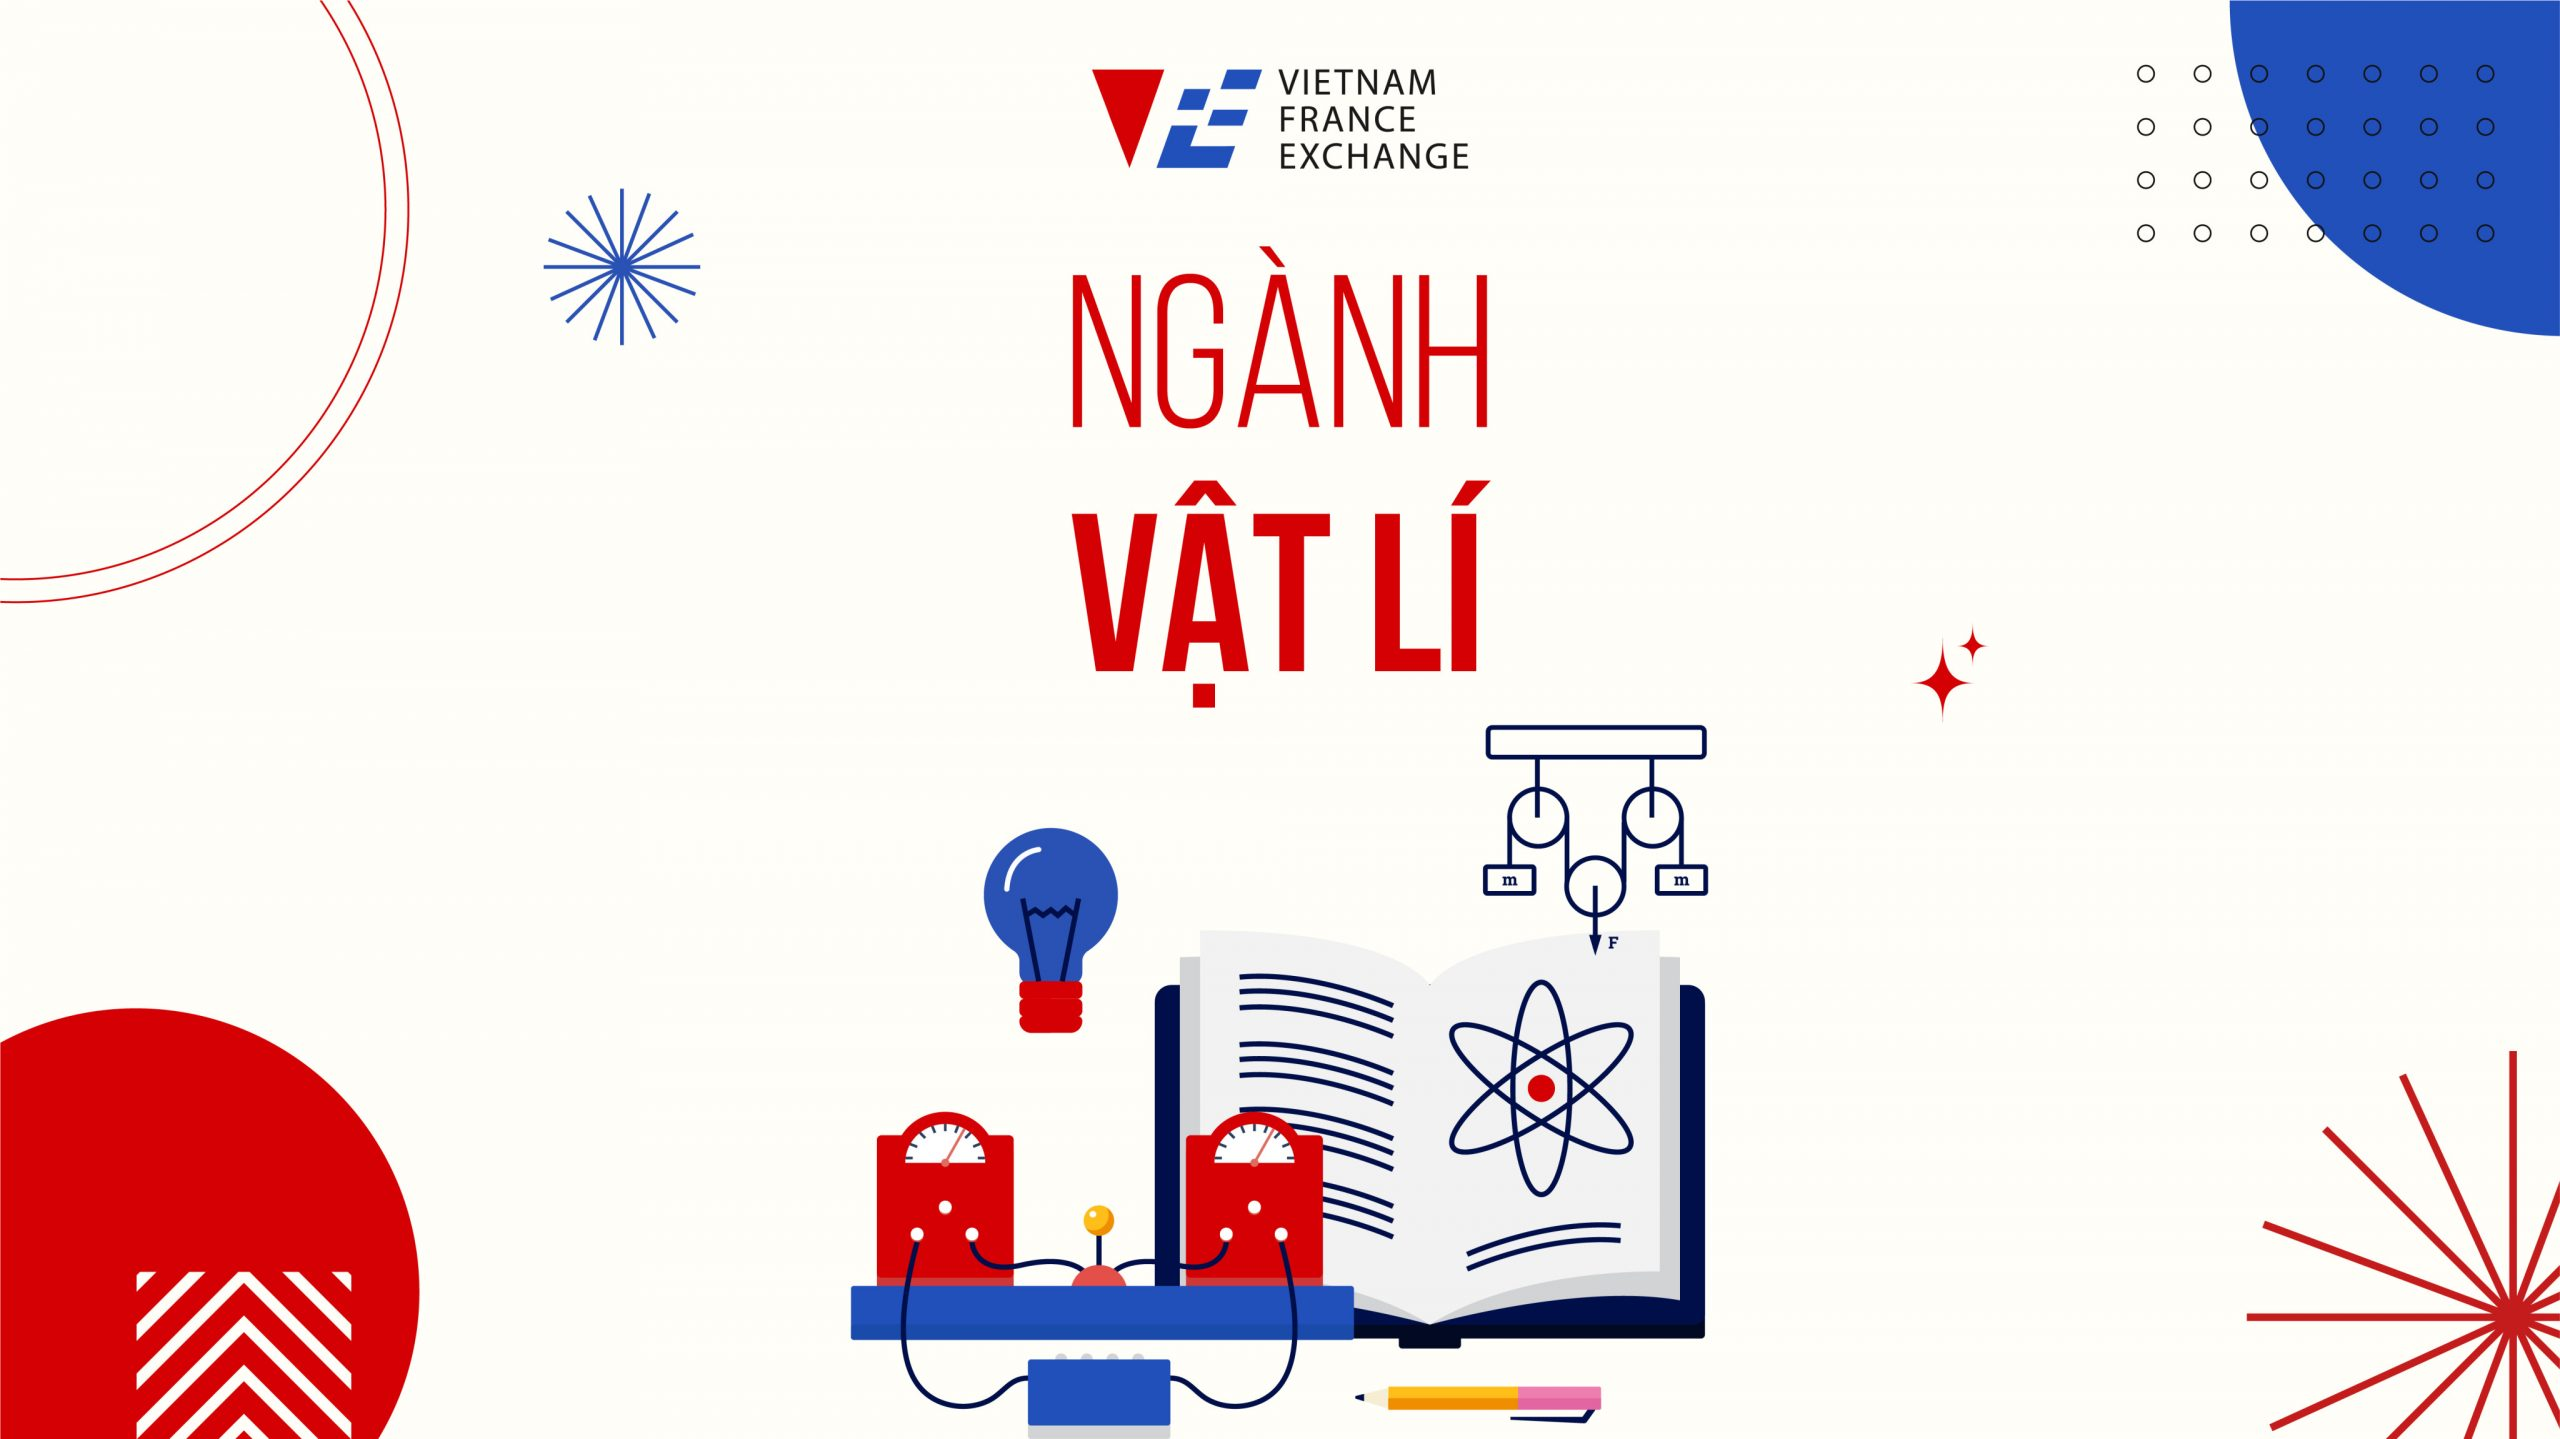 Du-hoc-Phap-nganh-Vat-li-1